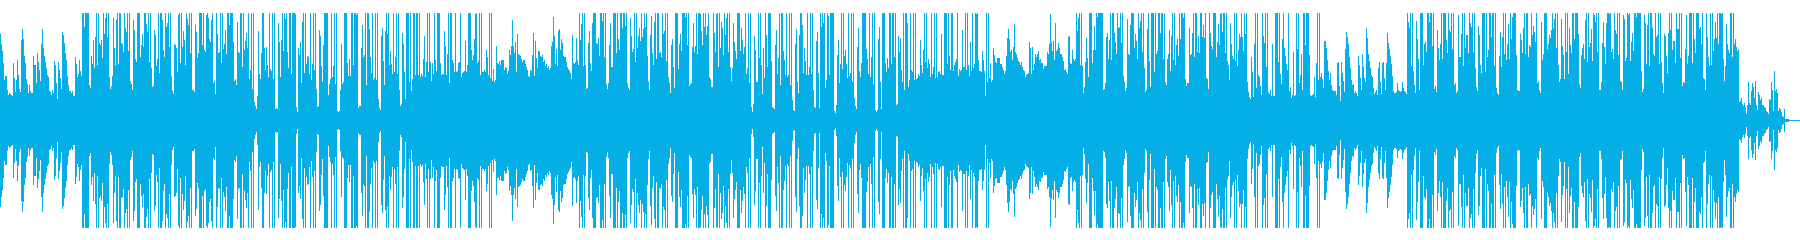 落ち着くピアノ/お洒落ギター/ローファイの再生済みの波形